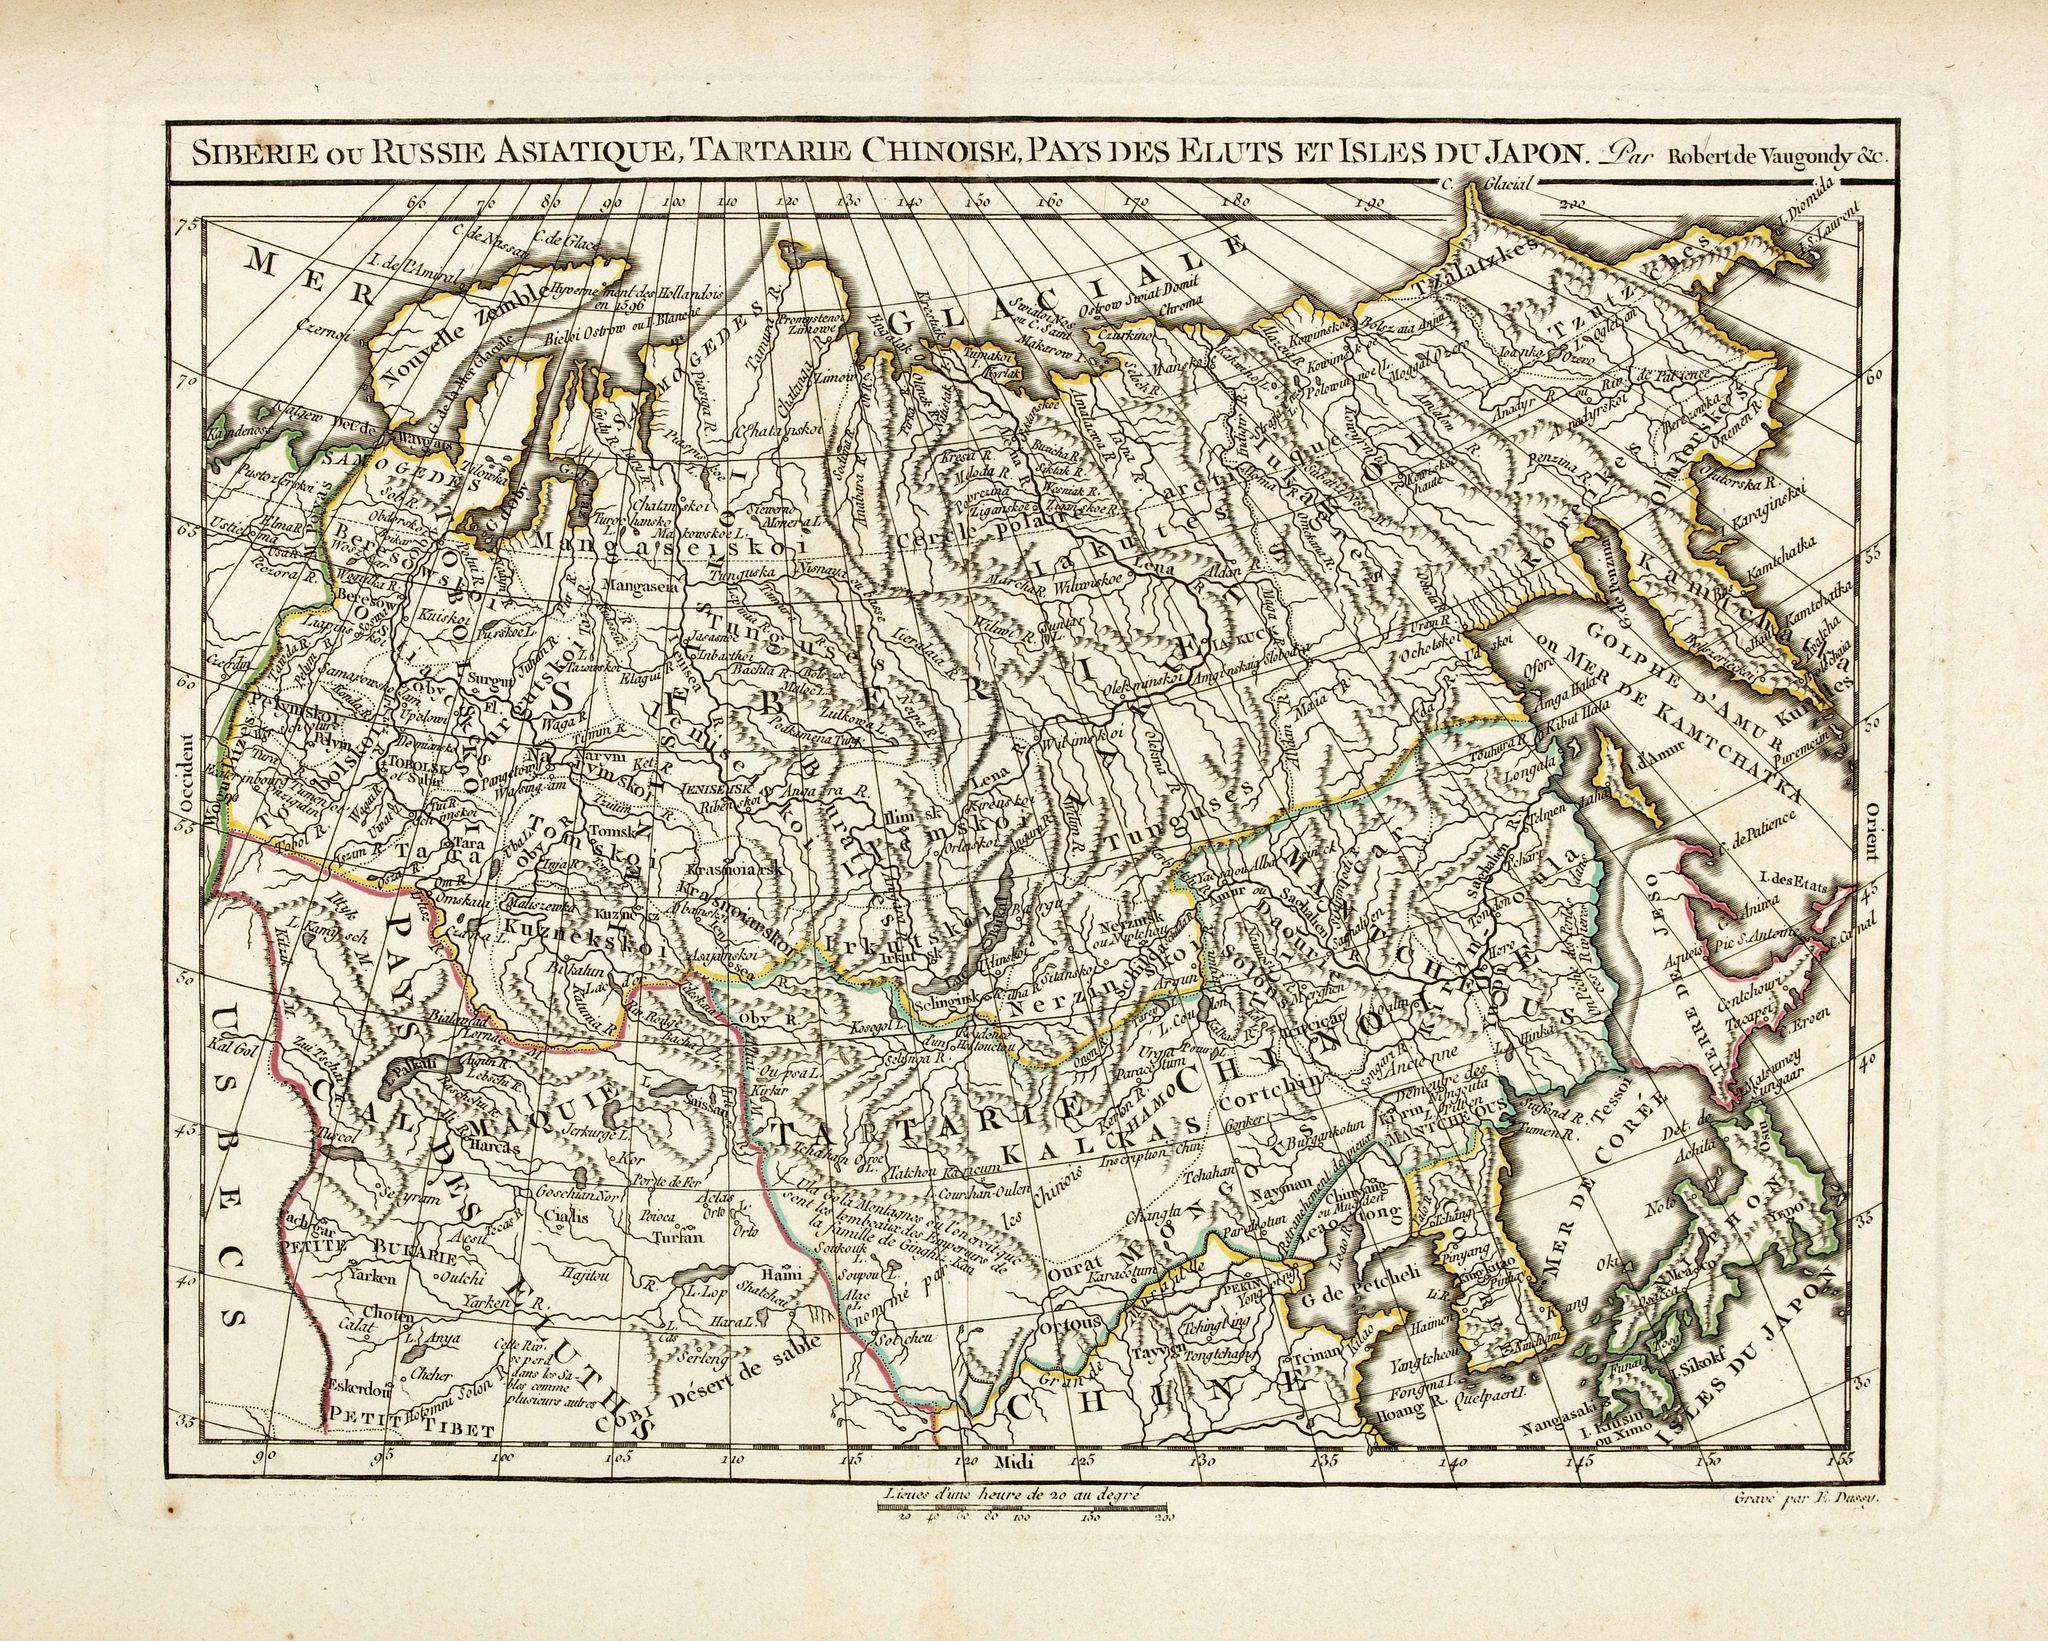 VAUGONDY, R. de / DELAMARCHE -  Siberie ou Russie Asiatique, Tartarie Chinoise, Pays des Eluts et Isles du Japon.